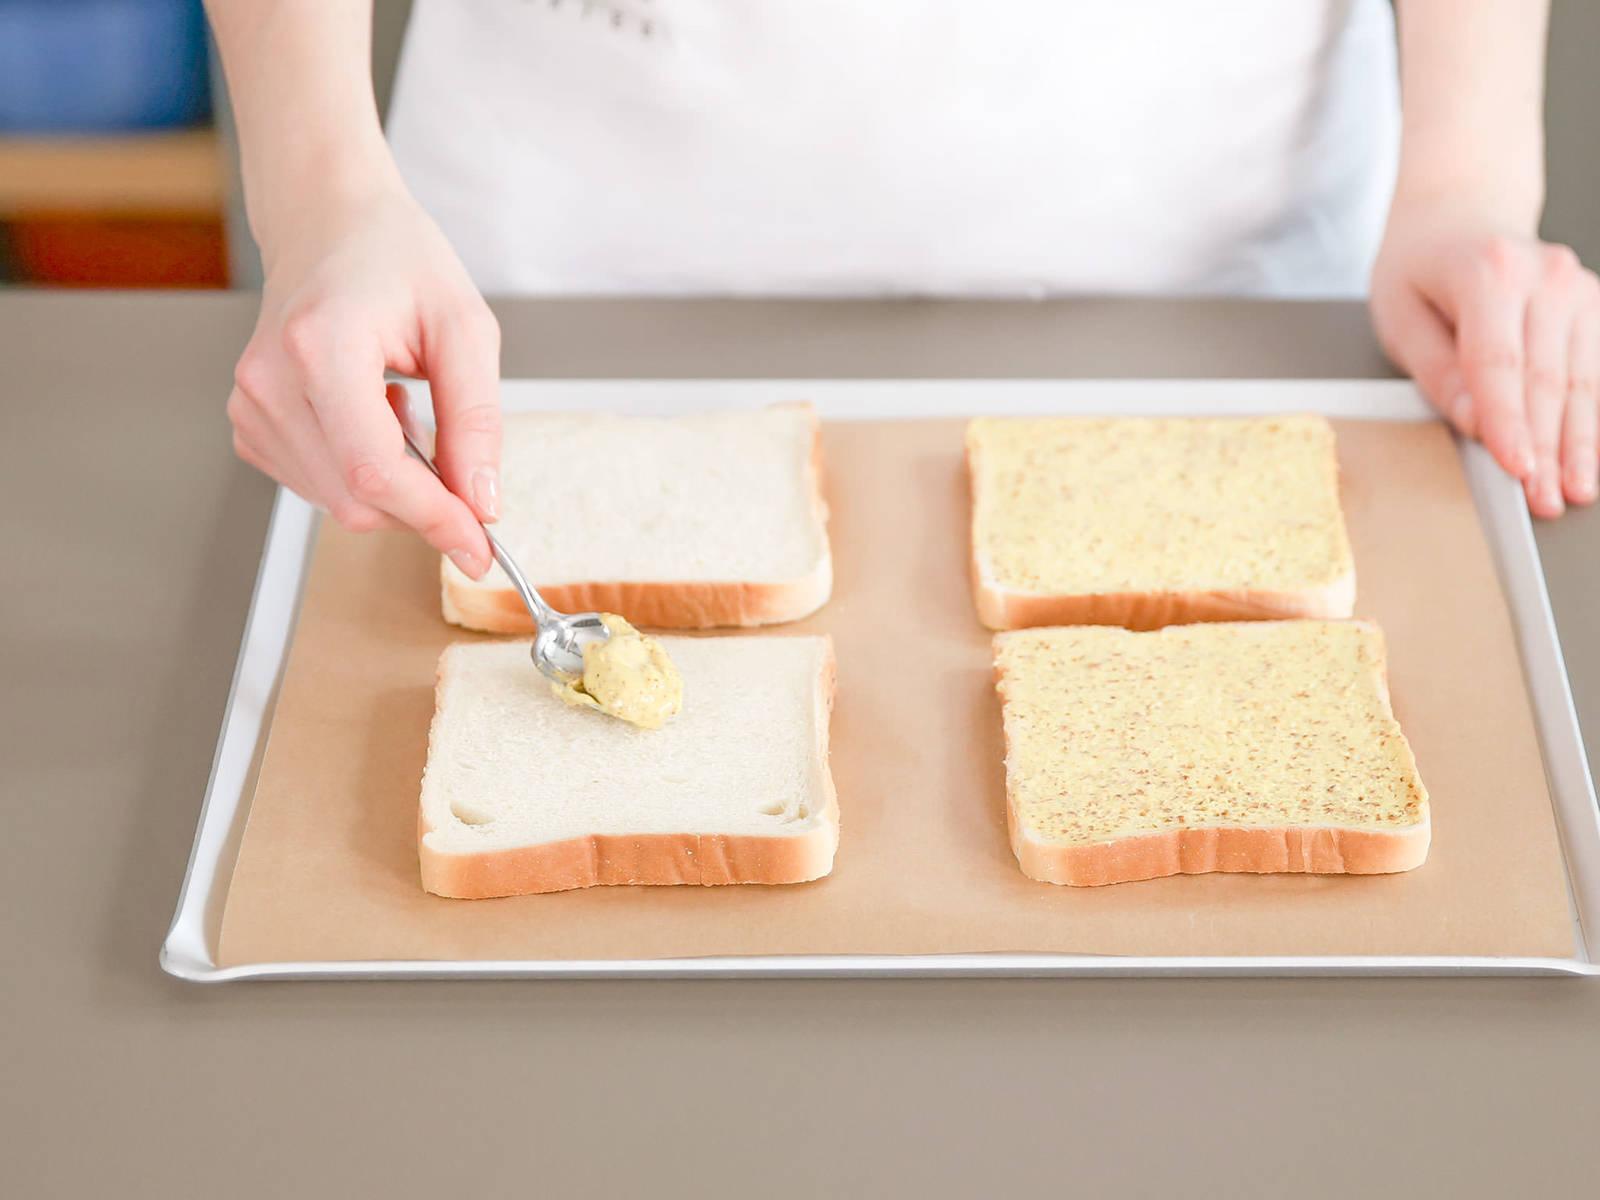 预热烤箱至200摄氏度。将一半吐司面包放在铺有烘焙纸的烤盘中,向面包上均匀涂抹一层芥末酱,然后放1片火腿、1片奶酪,再均匀涂抹一层摩尼沙司。